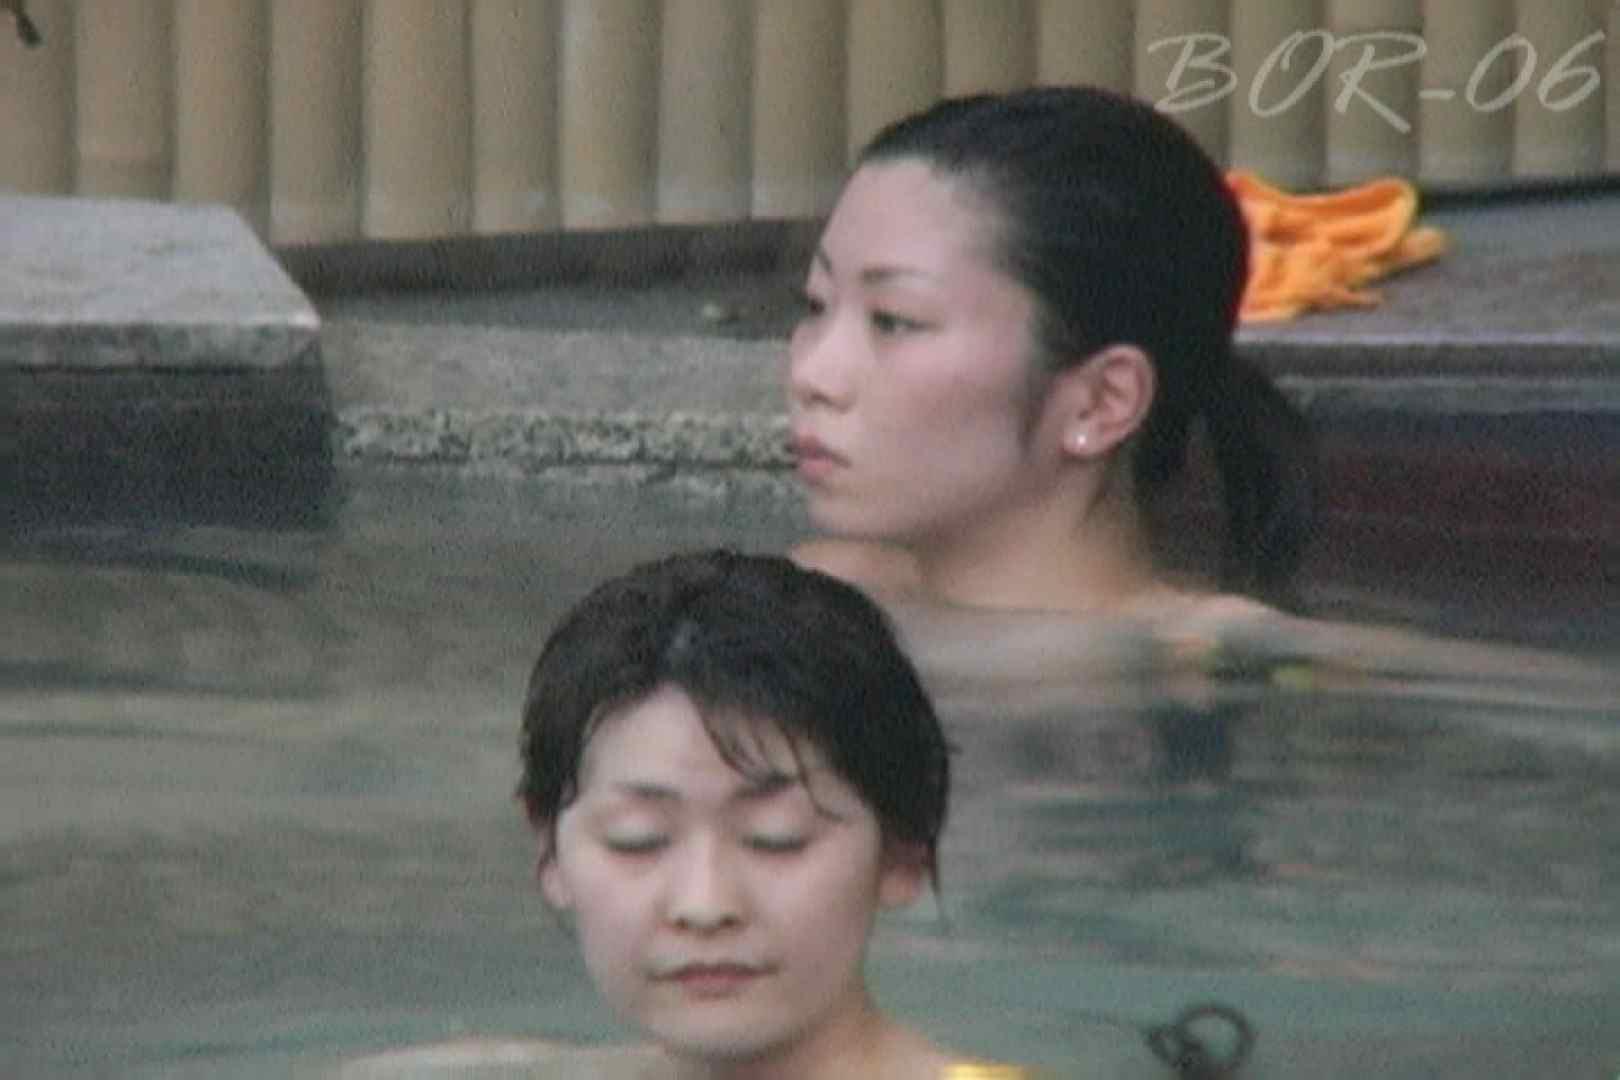 Aquaな露天風呂Vol.522 盗撮 | 露天  55画像 7